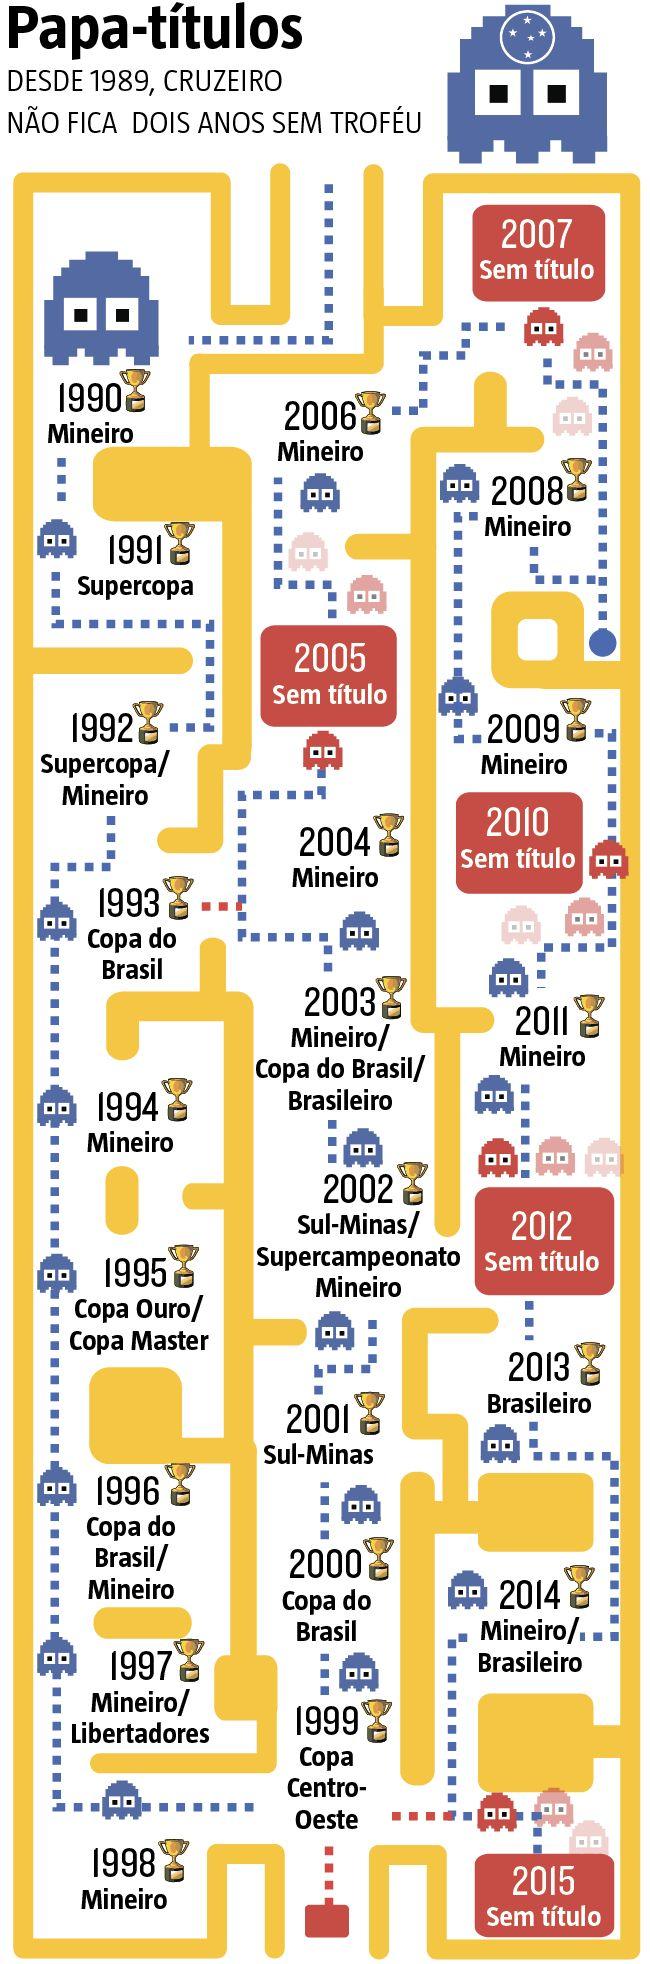 O Cruzeiro entra em campo nesta quarta, às 21h45, para encarar o Corinthians, no Mineirão, com o objetivo de seguir vivo na tentativa de evitar a segunda temporada consecutiva sem um título oficial, algo que não acontece na história do clube desde 1989. (19/10/2016) #CopaDoBrasil #Cruzeiro #MataMata #Infográfico #Infografia #HojeEmDia